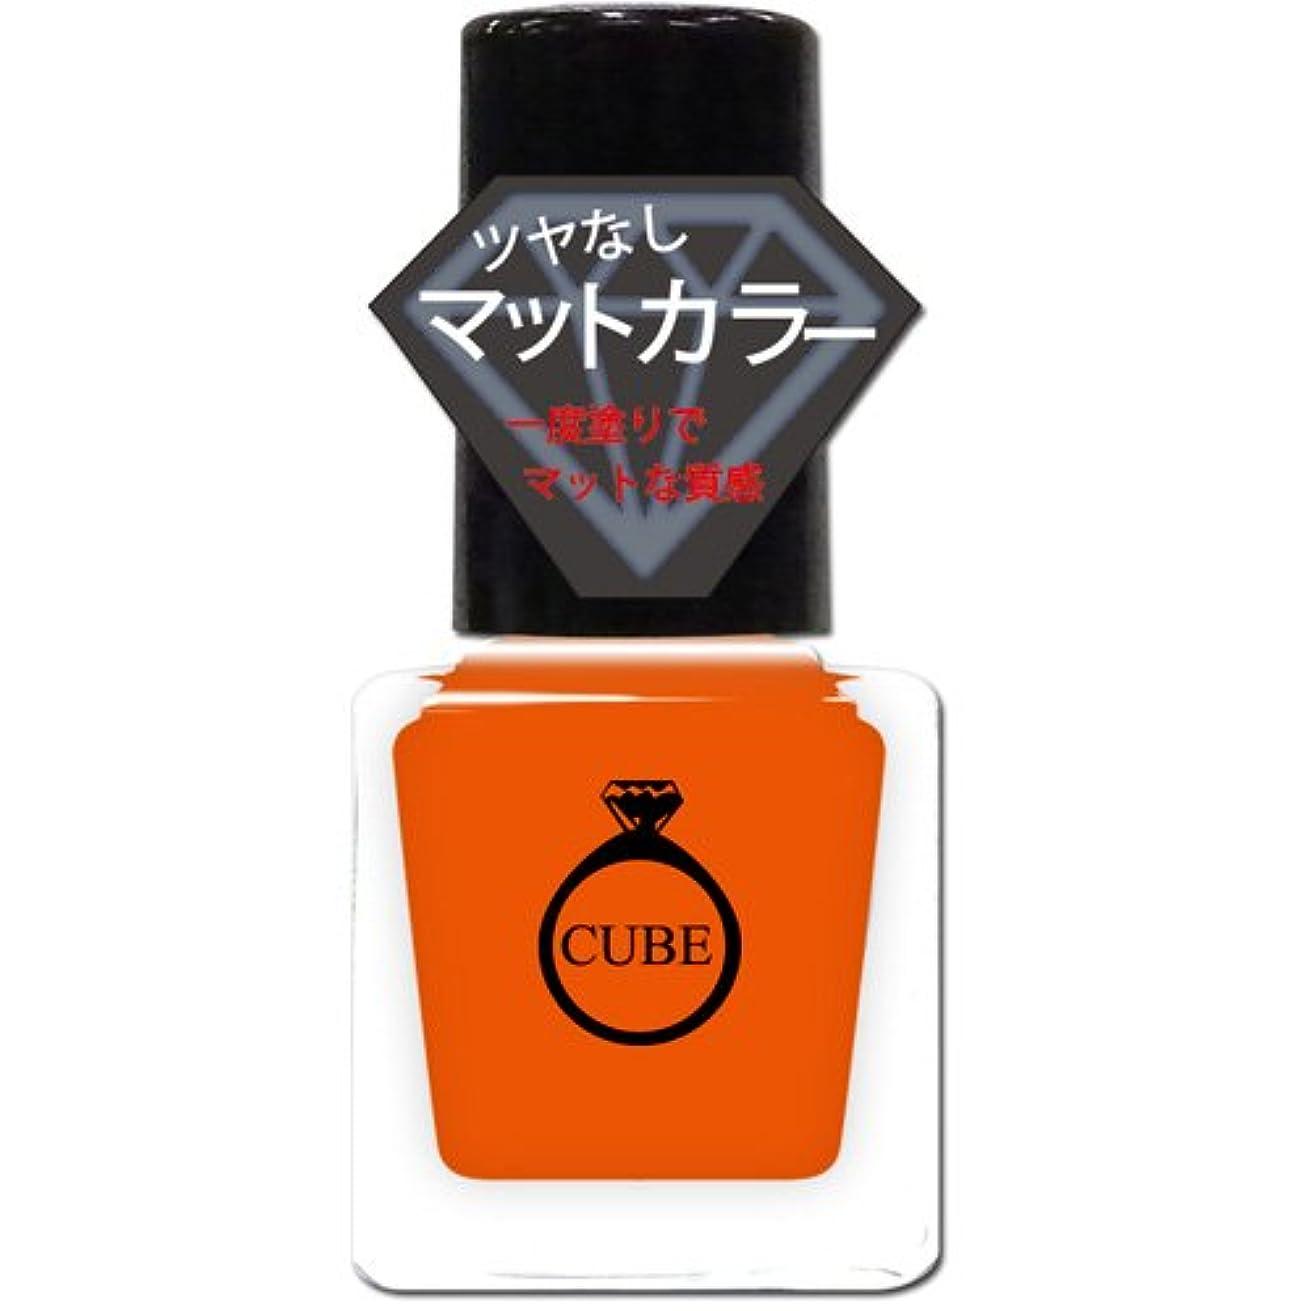 浴にじみ出る緯度ビーエヌ マニキュア キューブネイル マットオレンジ CBN-27 7ml